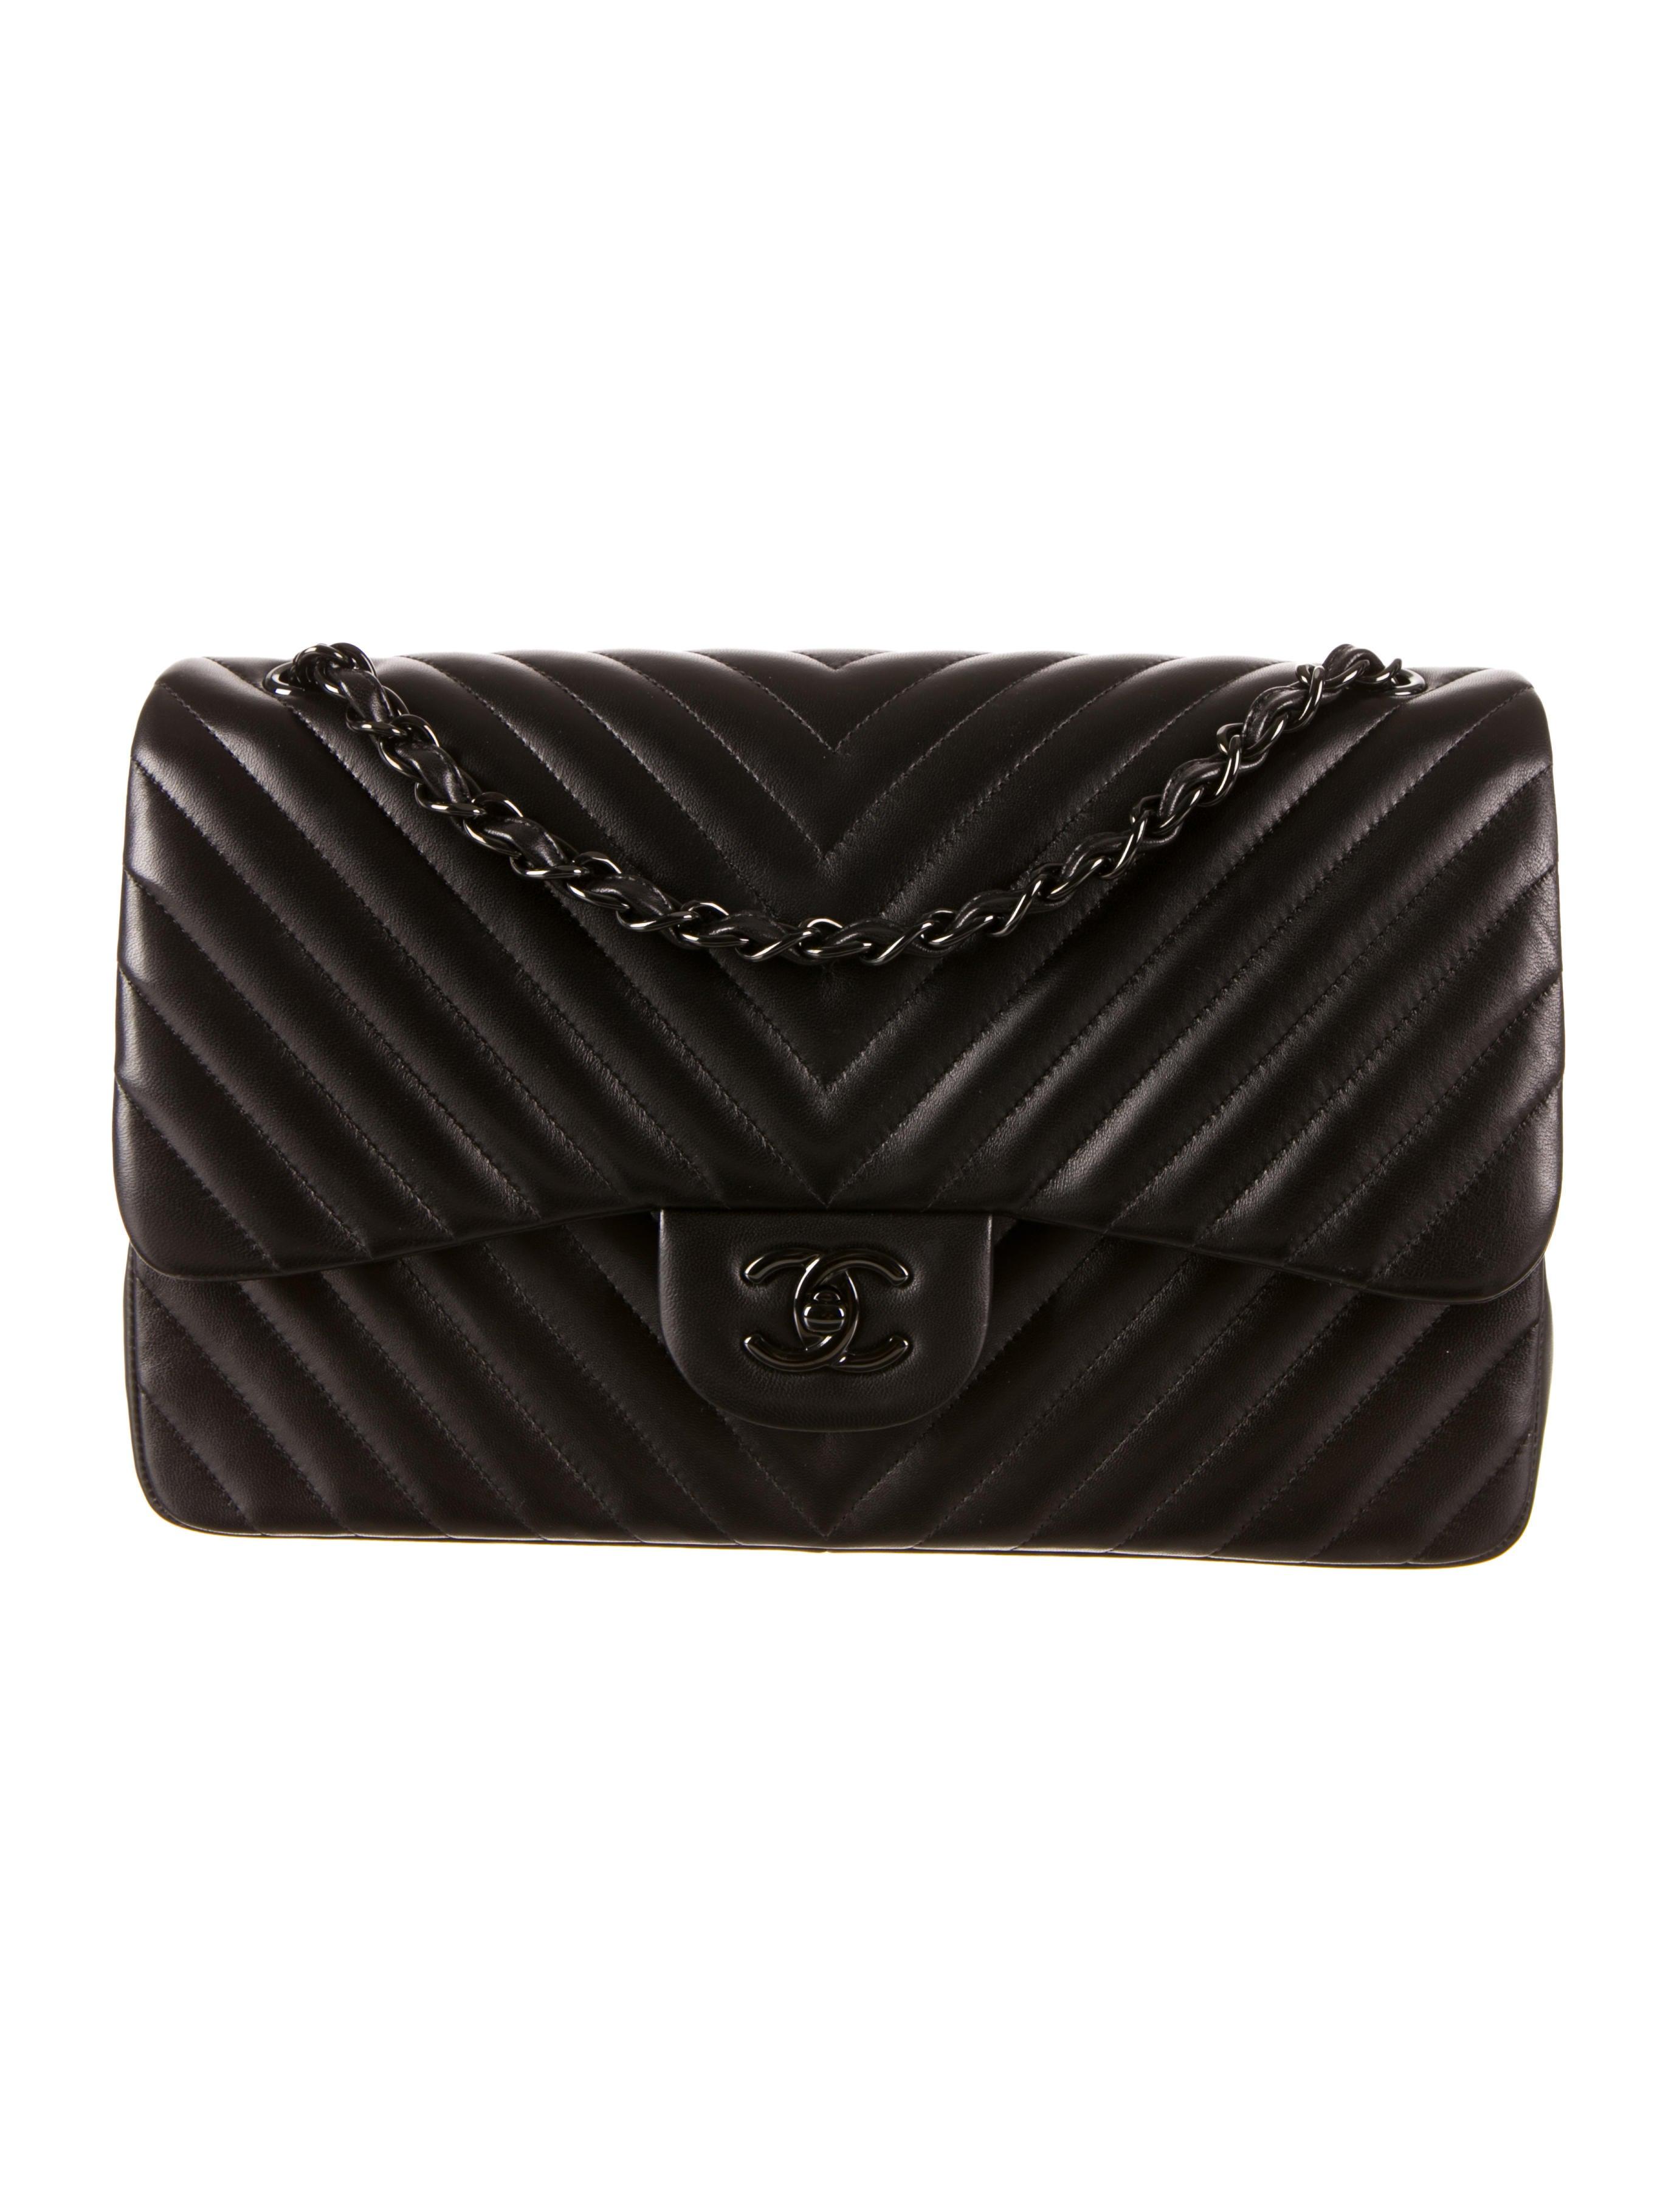 Chanel So Black Chevron Jumbo Flap Bag W Tags Handbags